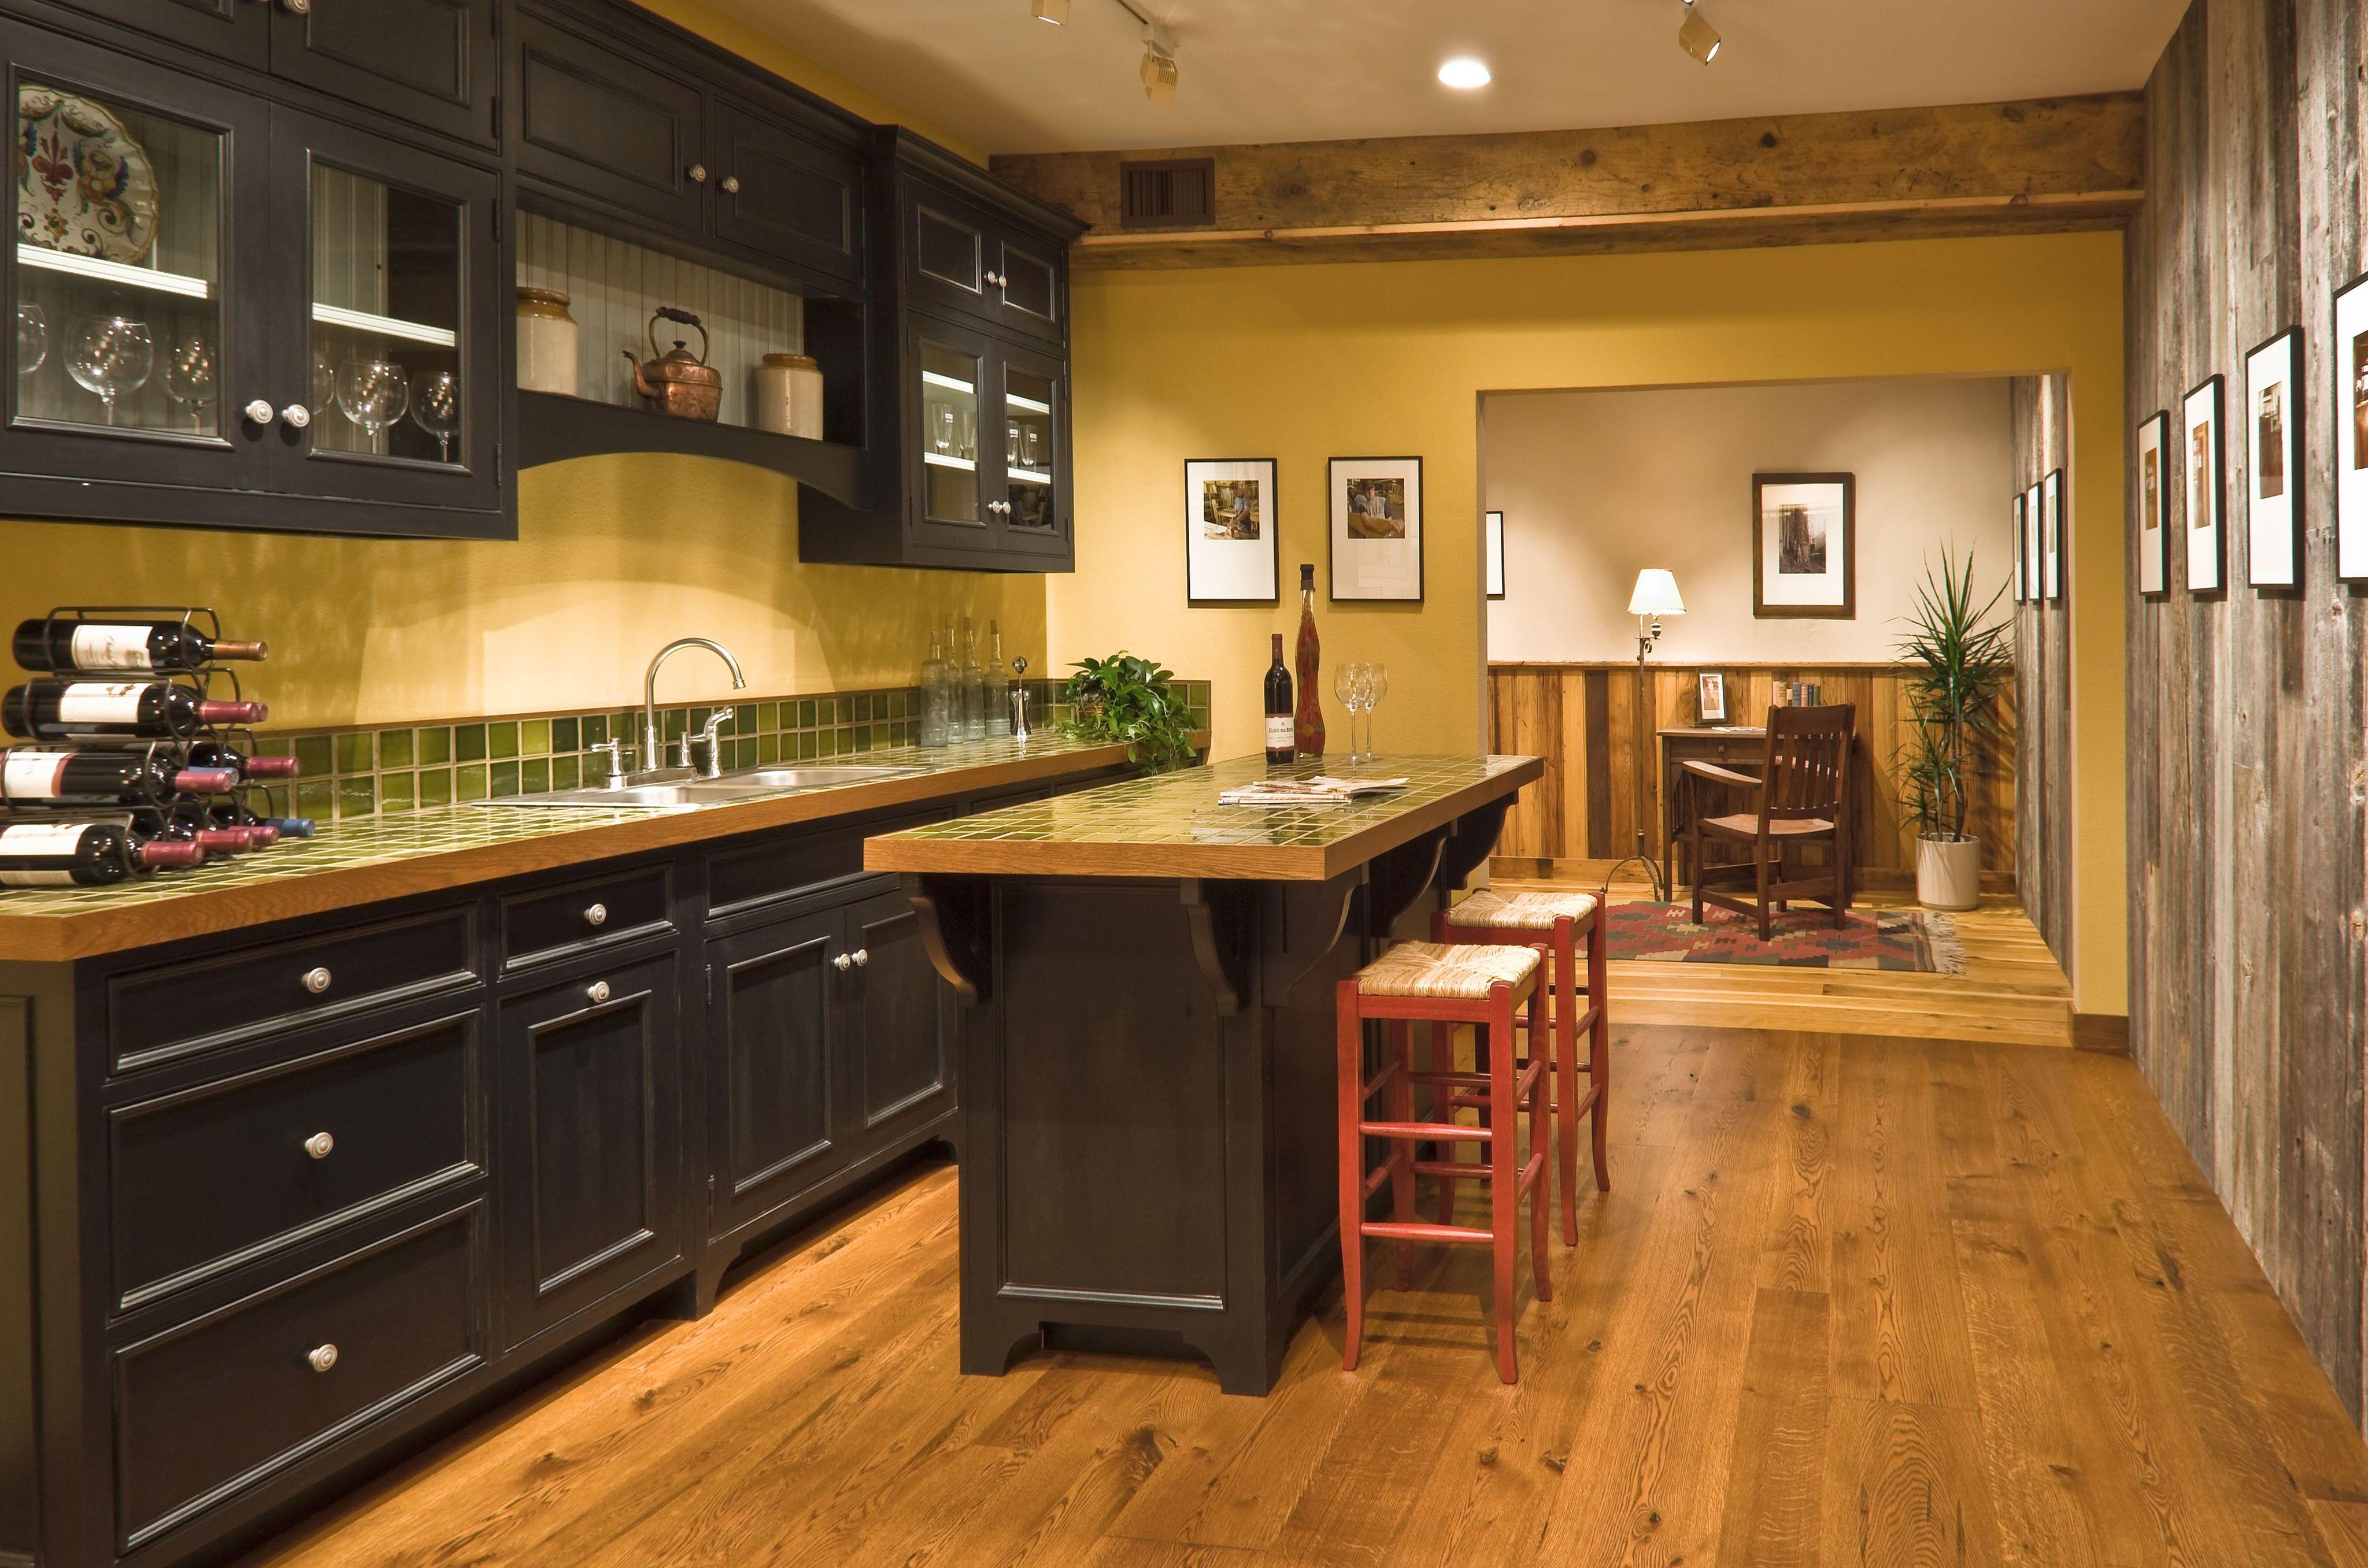 image result for dark kitchen cabinets light wood floors küchen design küchenboden farbige on kitchen cabinets light wood id=41645